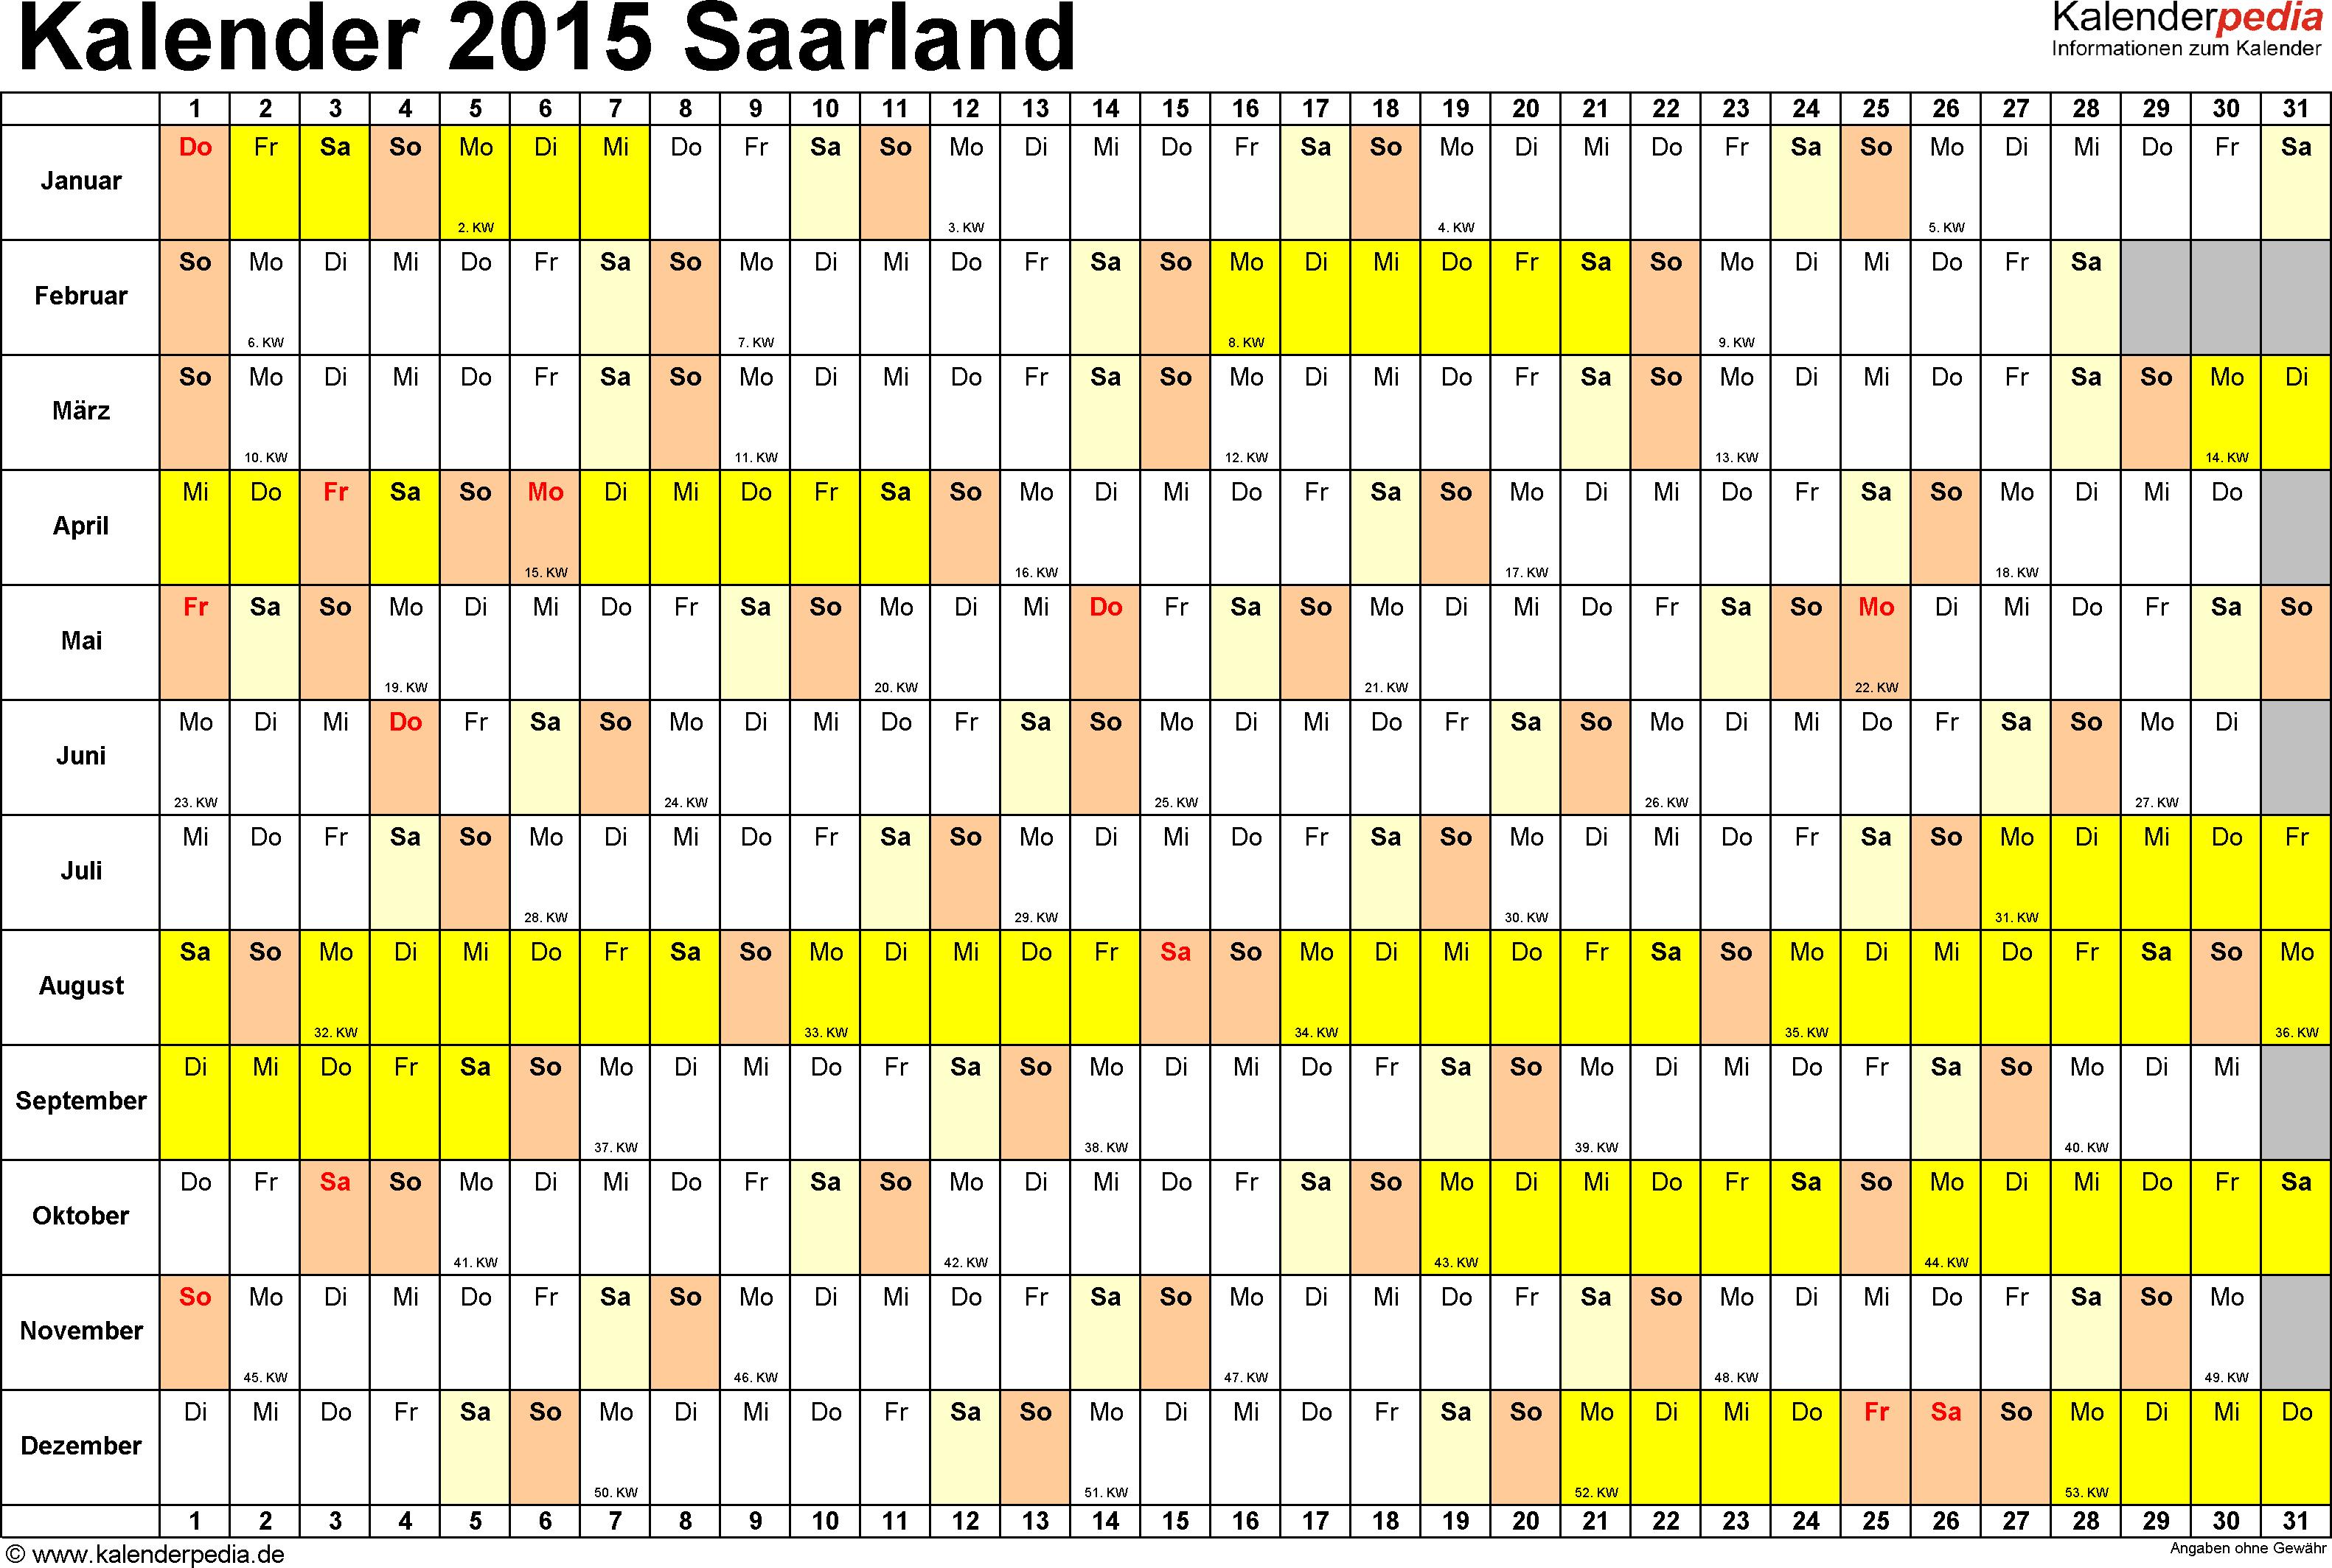 Vorlage 3: Kalender Saarland 2015 im Querformat, Tage nebeneinander